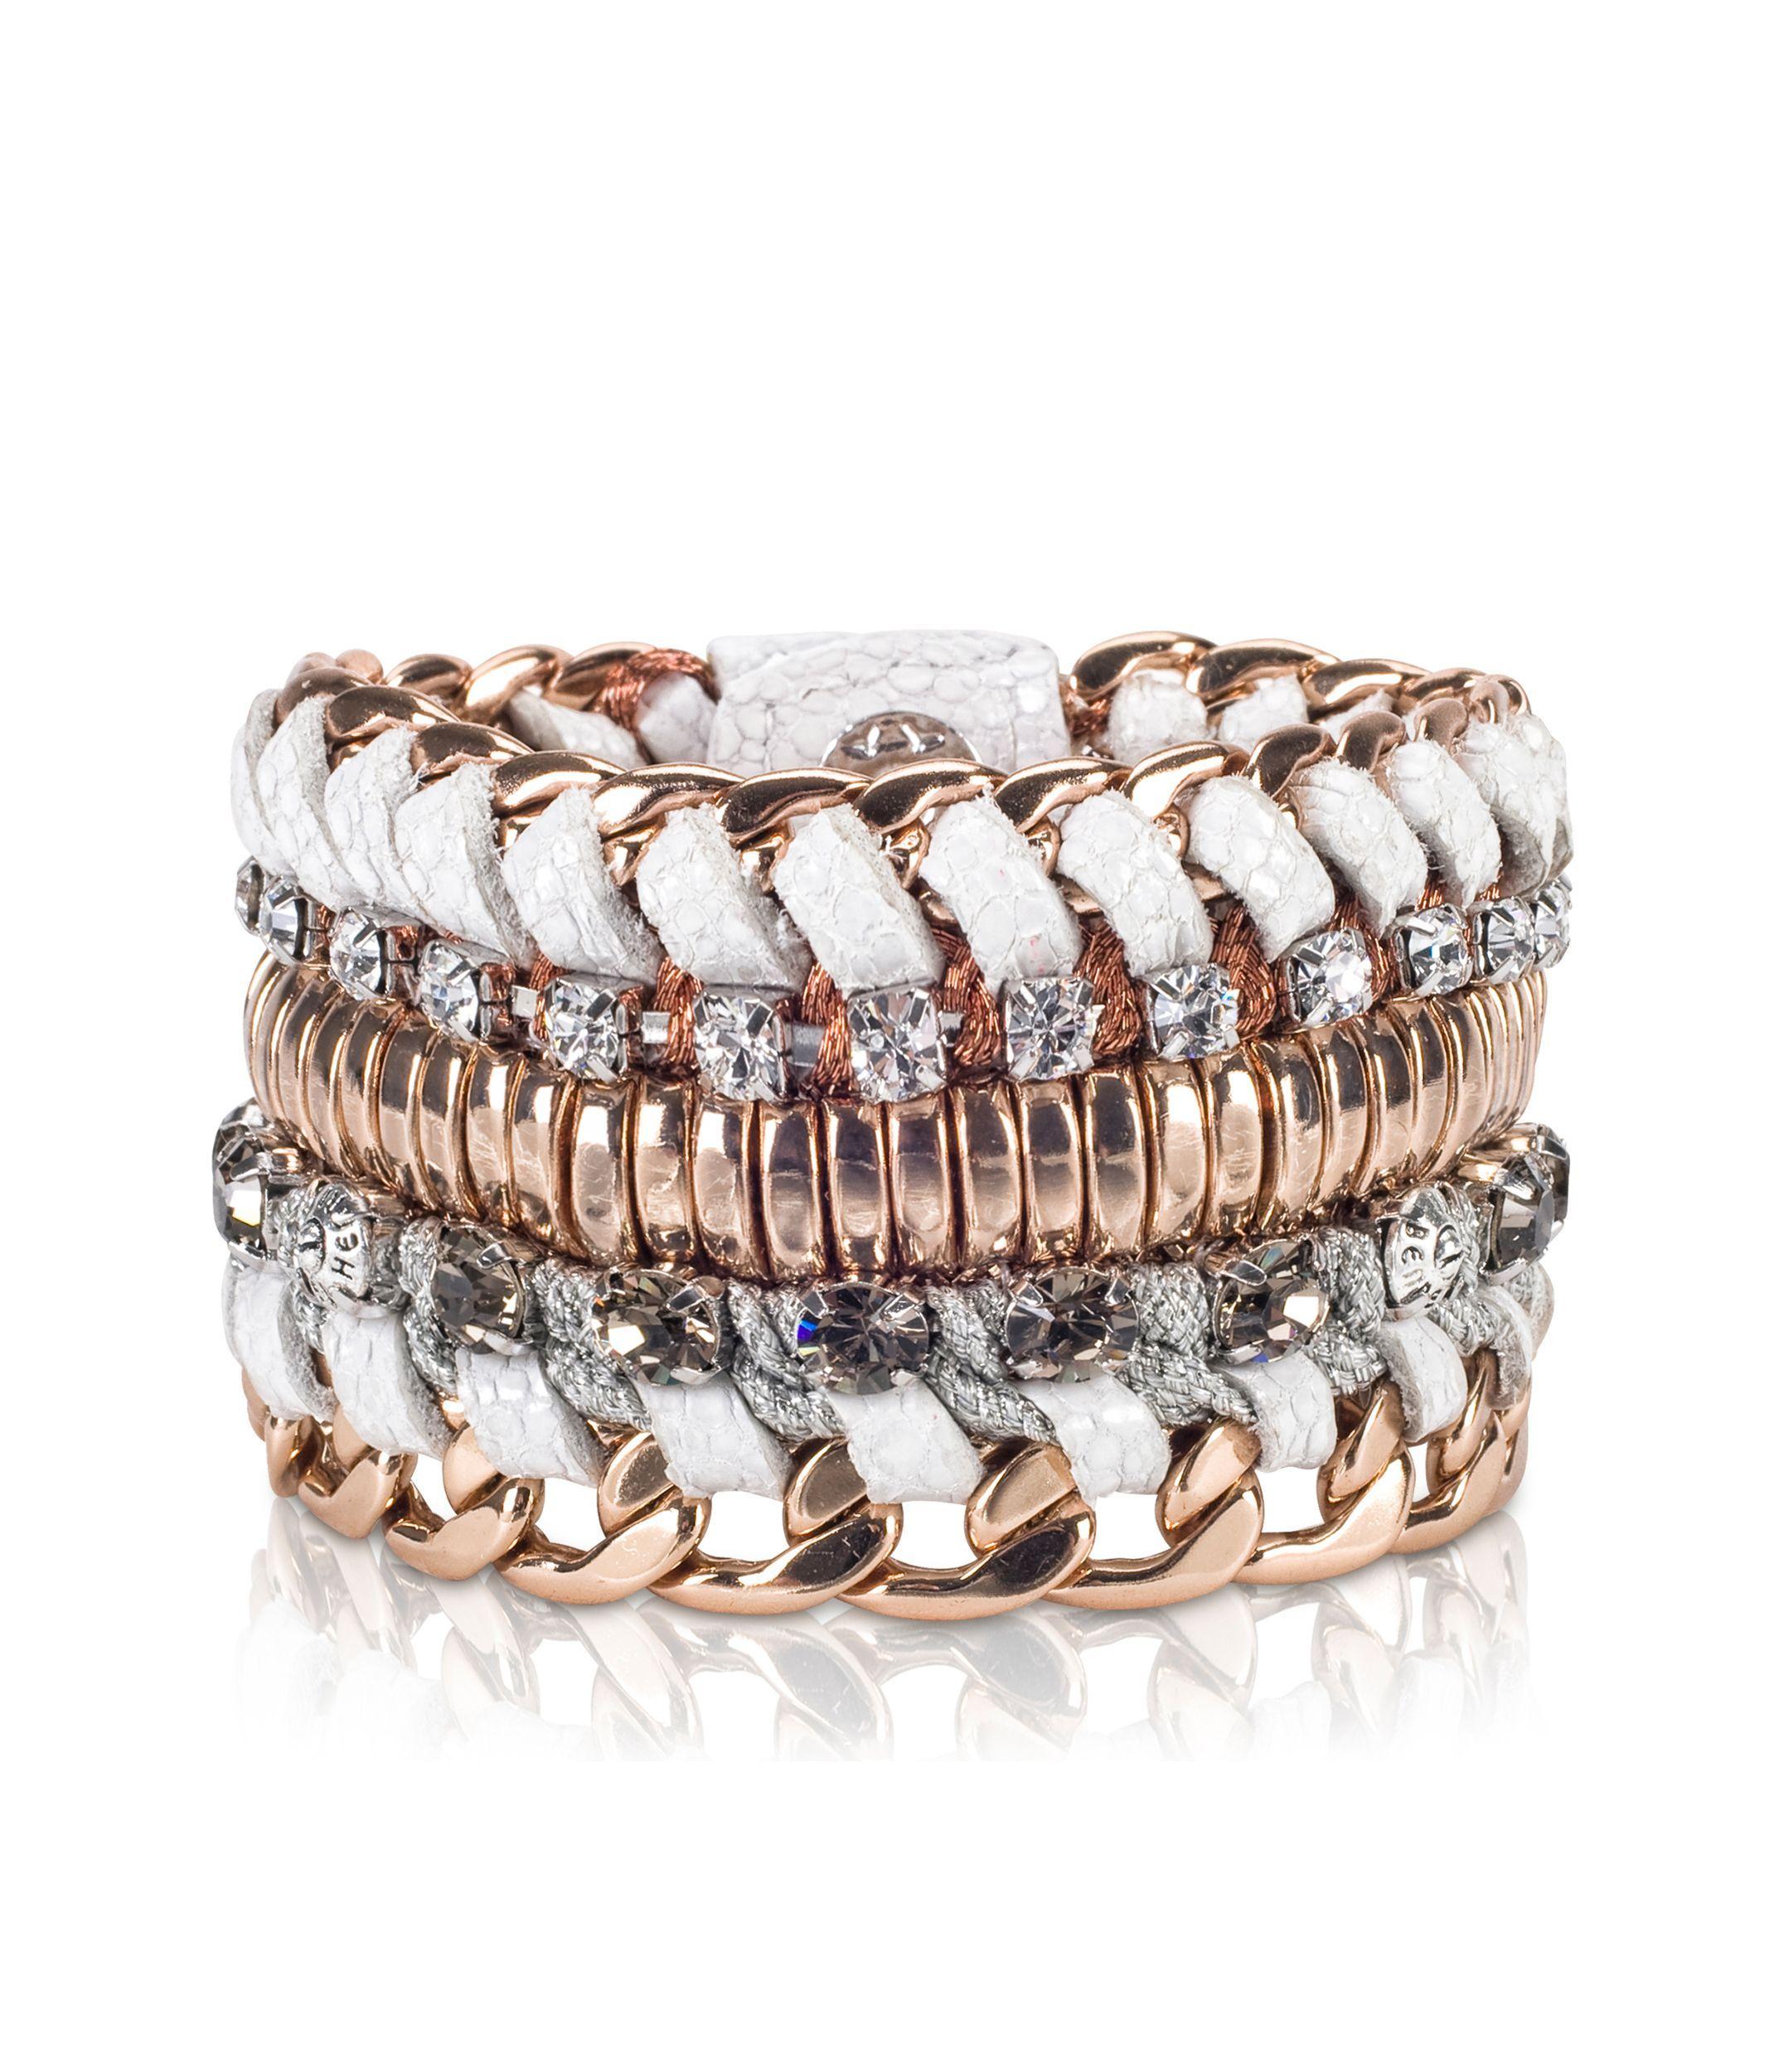 Deluxe Girlfriend Beaded Wrap Bracelet Jewelry Henri Bendel